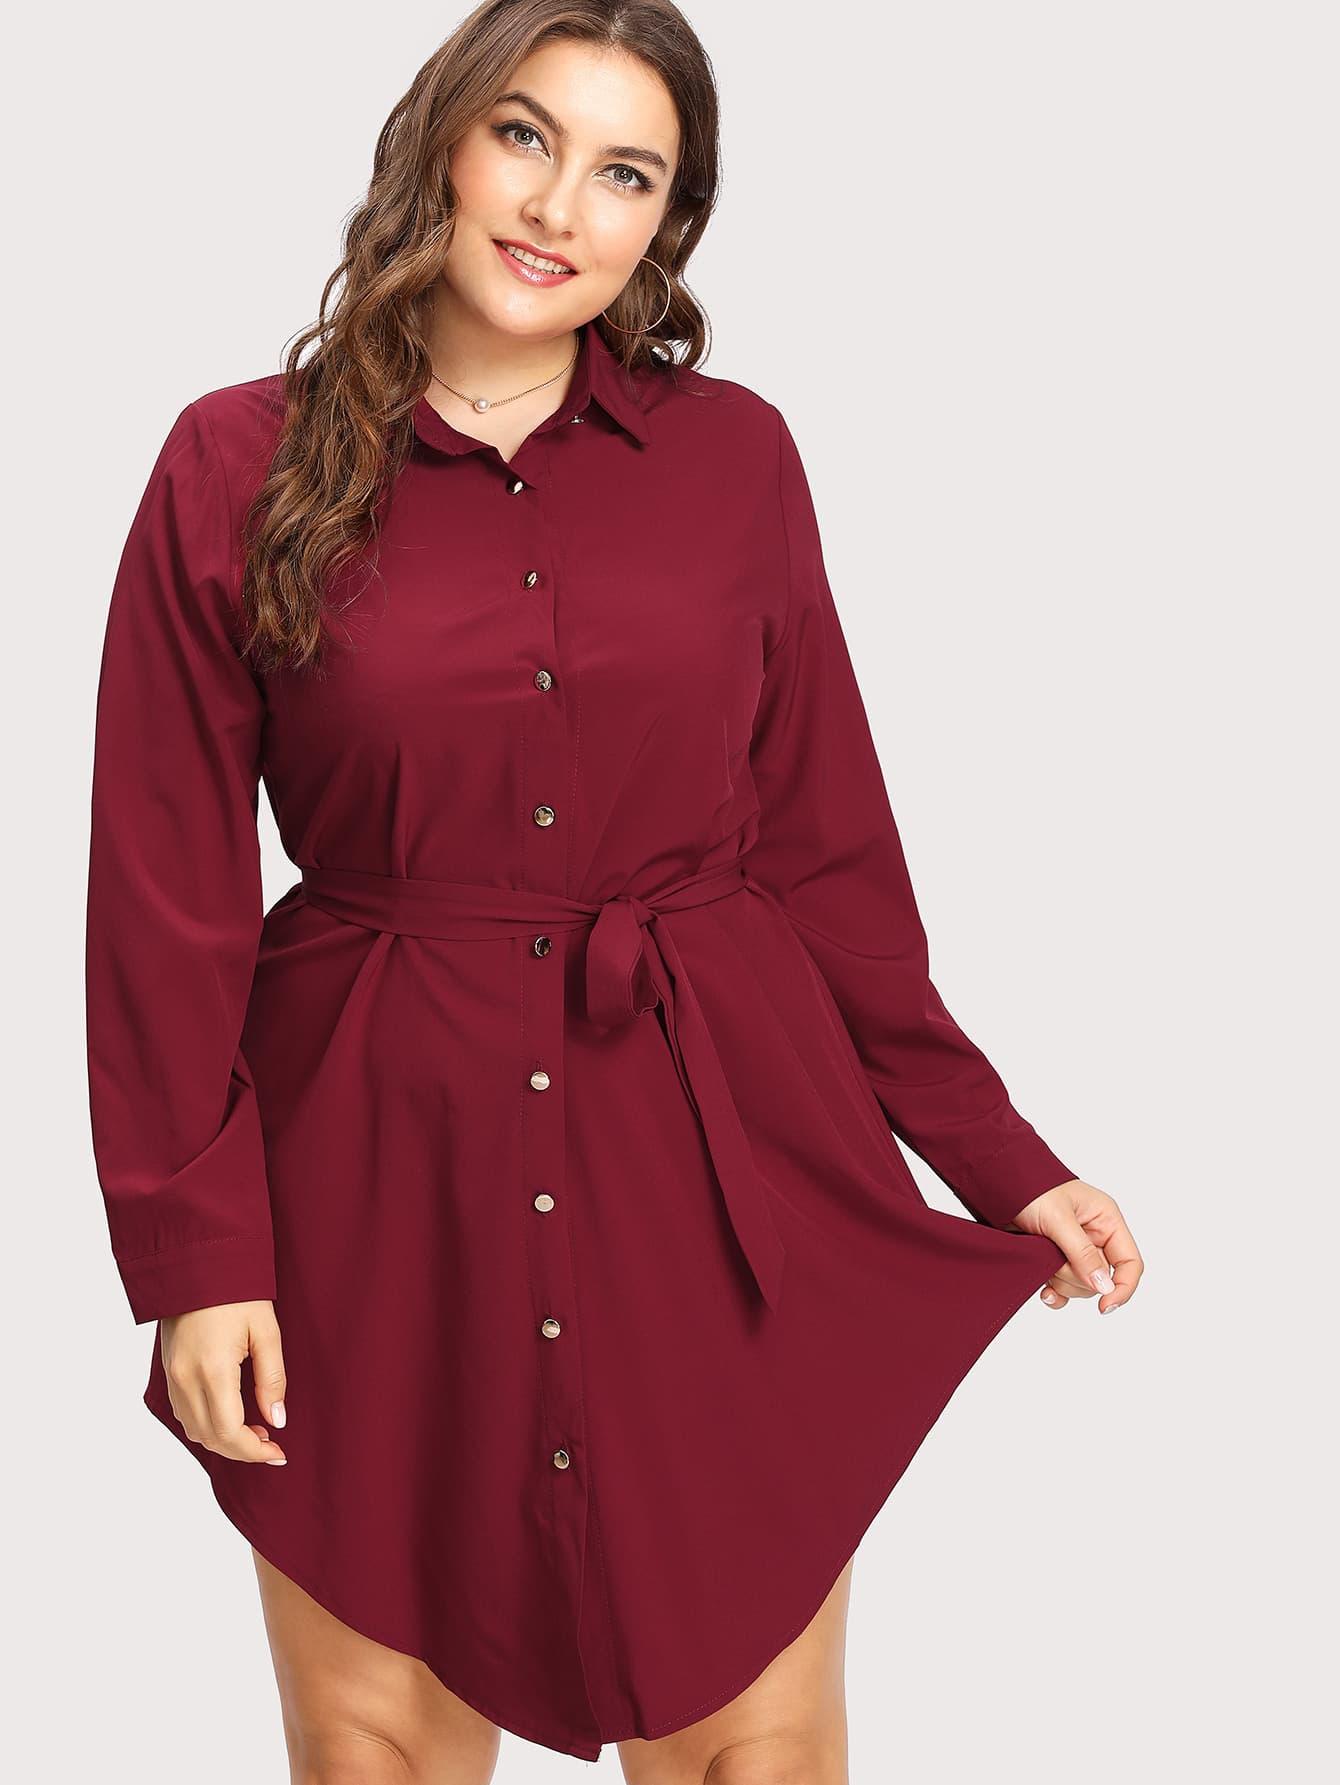 Bluse Kleid mit gekrümmtem Saum